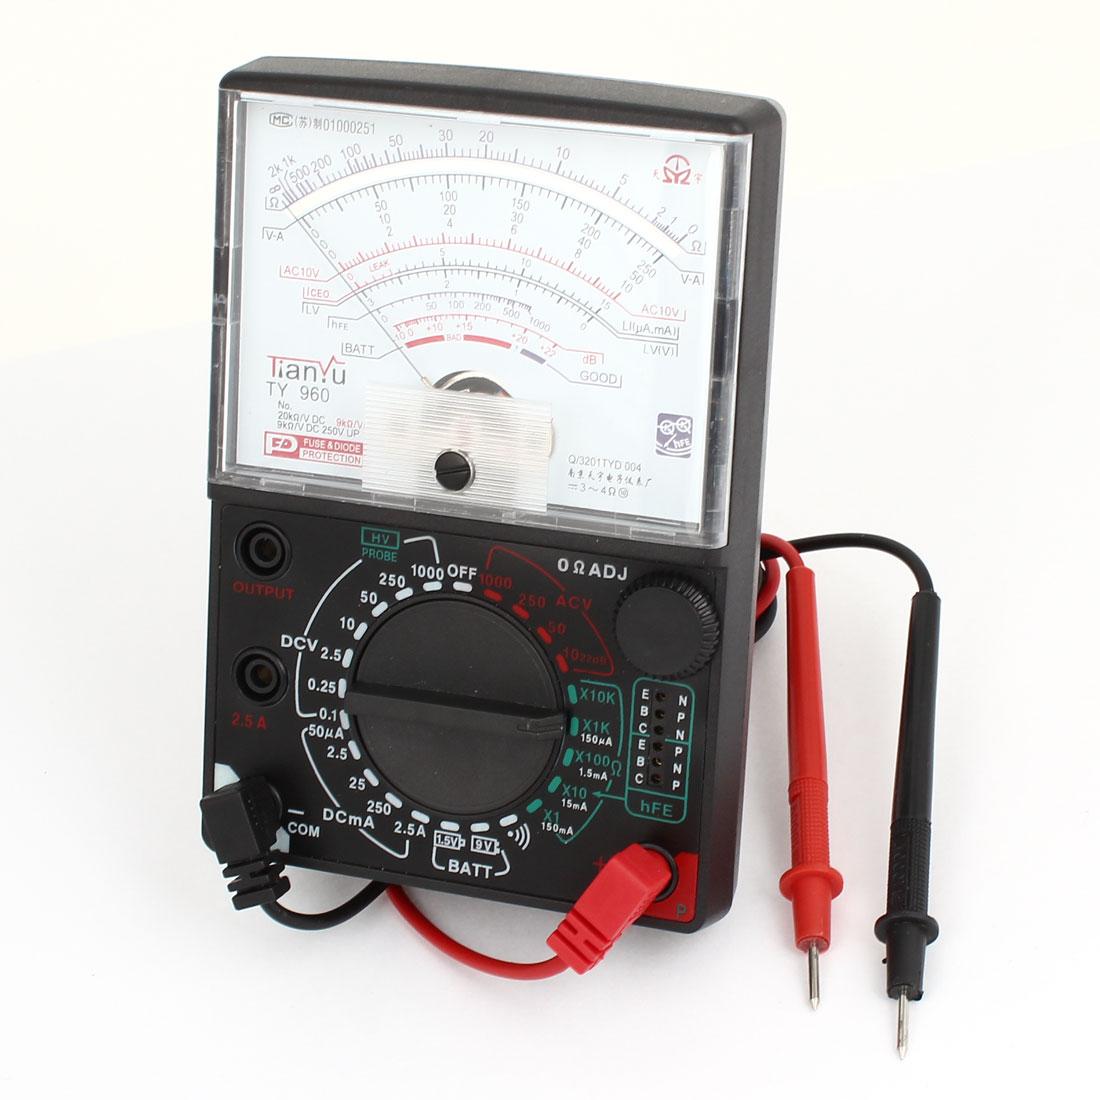 Black Ohm Ampere Volt Diode Decibel Measuring Analog Multitester TY-960